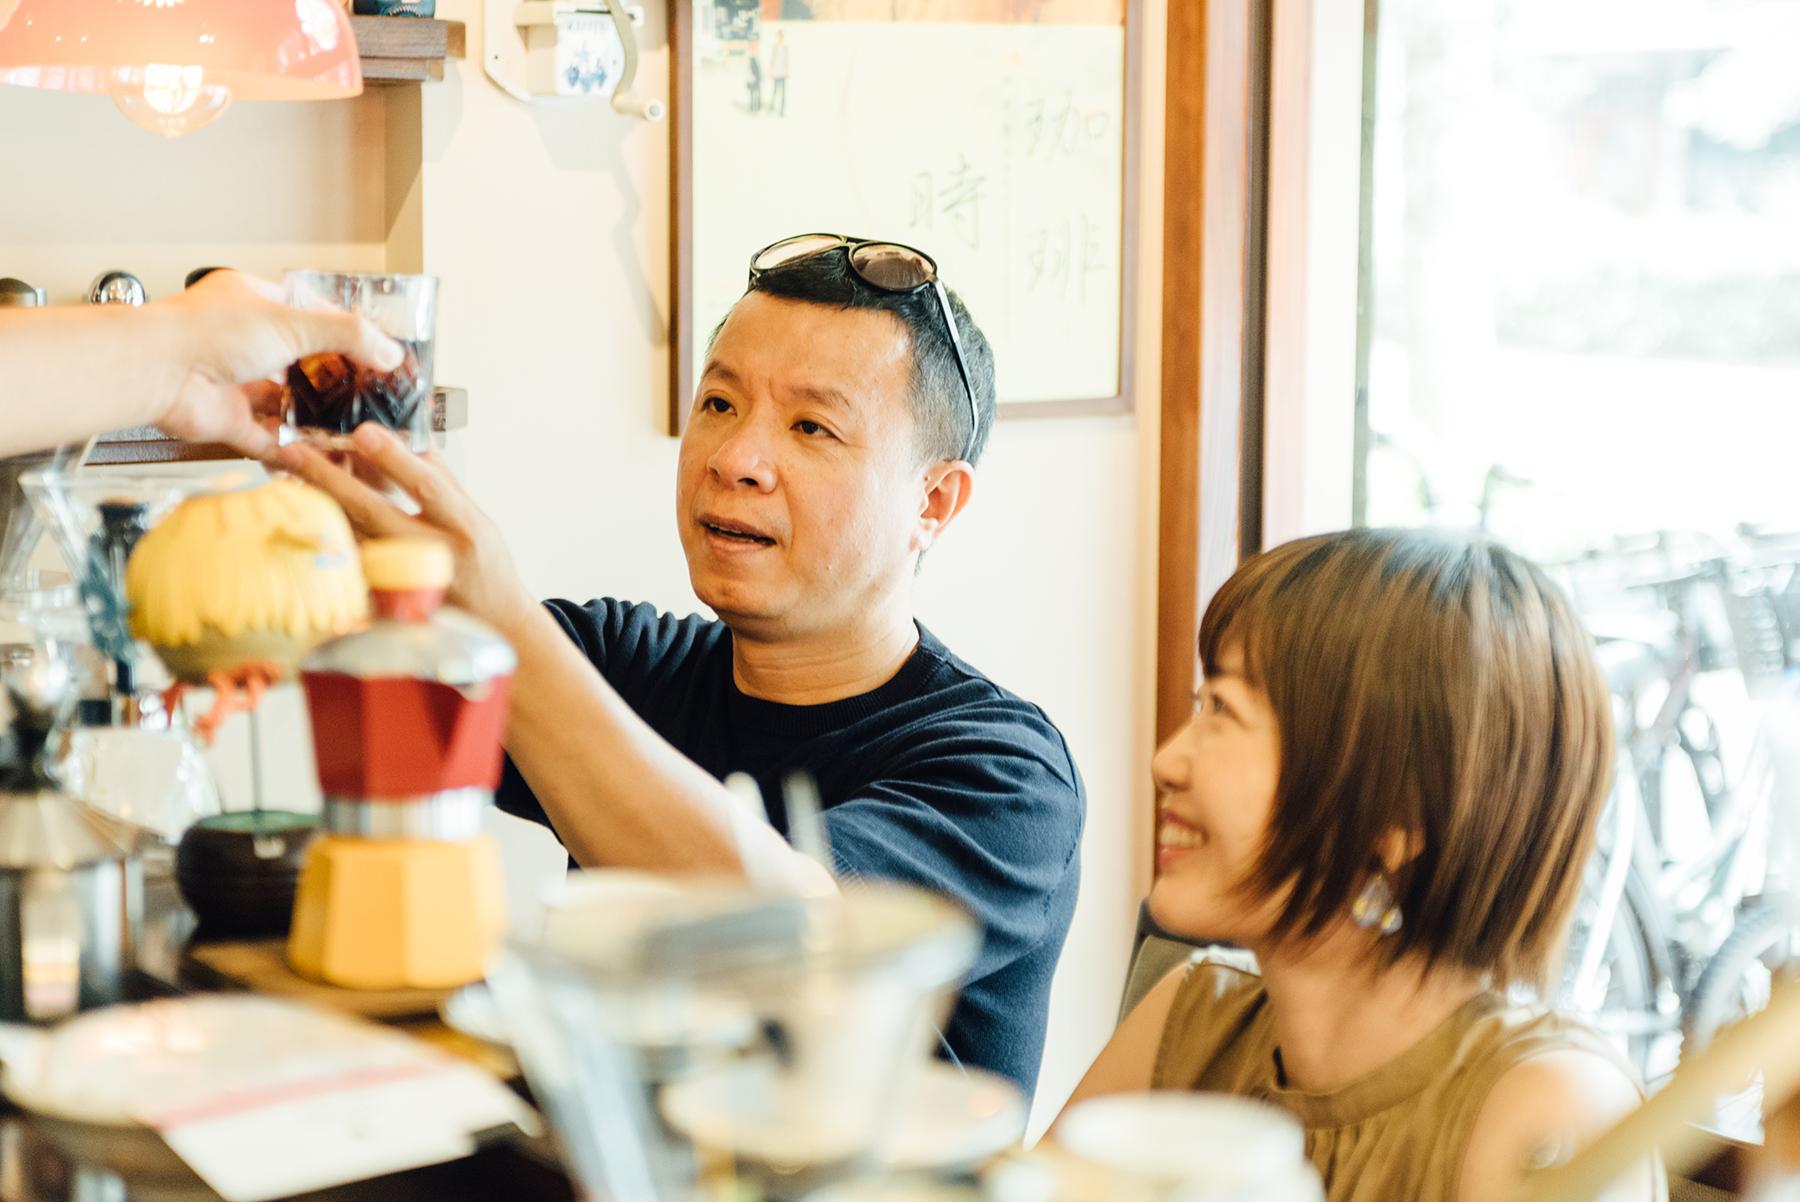 Hally Chen(左)著有《遙遠的冰果室》與《人情咖啡店》2本著作,同時在生活雜誌撰寫專欄。2019年5月出版新書《喫茶萬歲》,匯集12年來走訪21都道府縣喫茶店觀察和影像;陳秀娟(右)任職出版界多年。於2019年4月成立「銀河舍」出版社,《喫茶萬歲》是出版社的第四本作品。